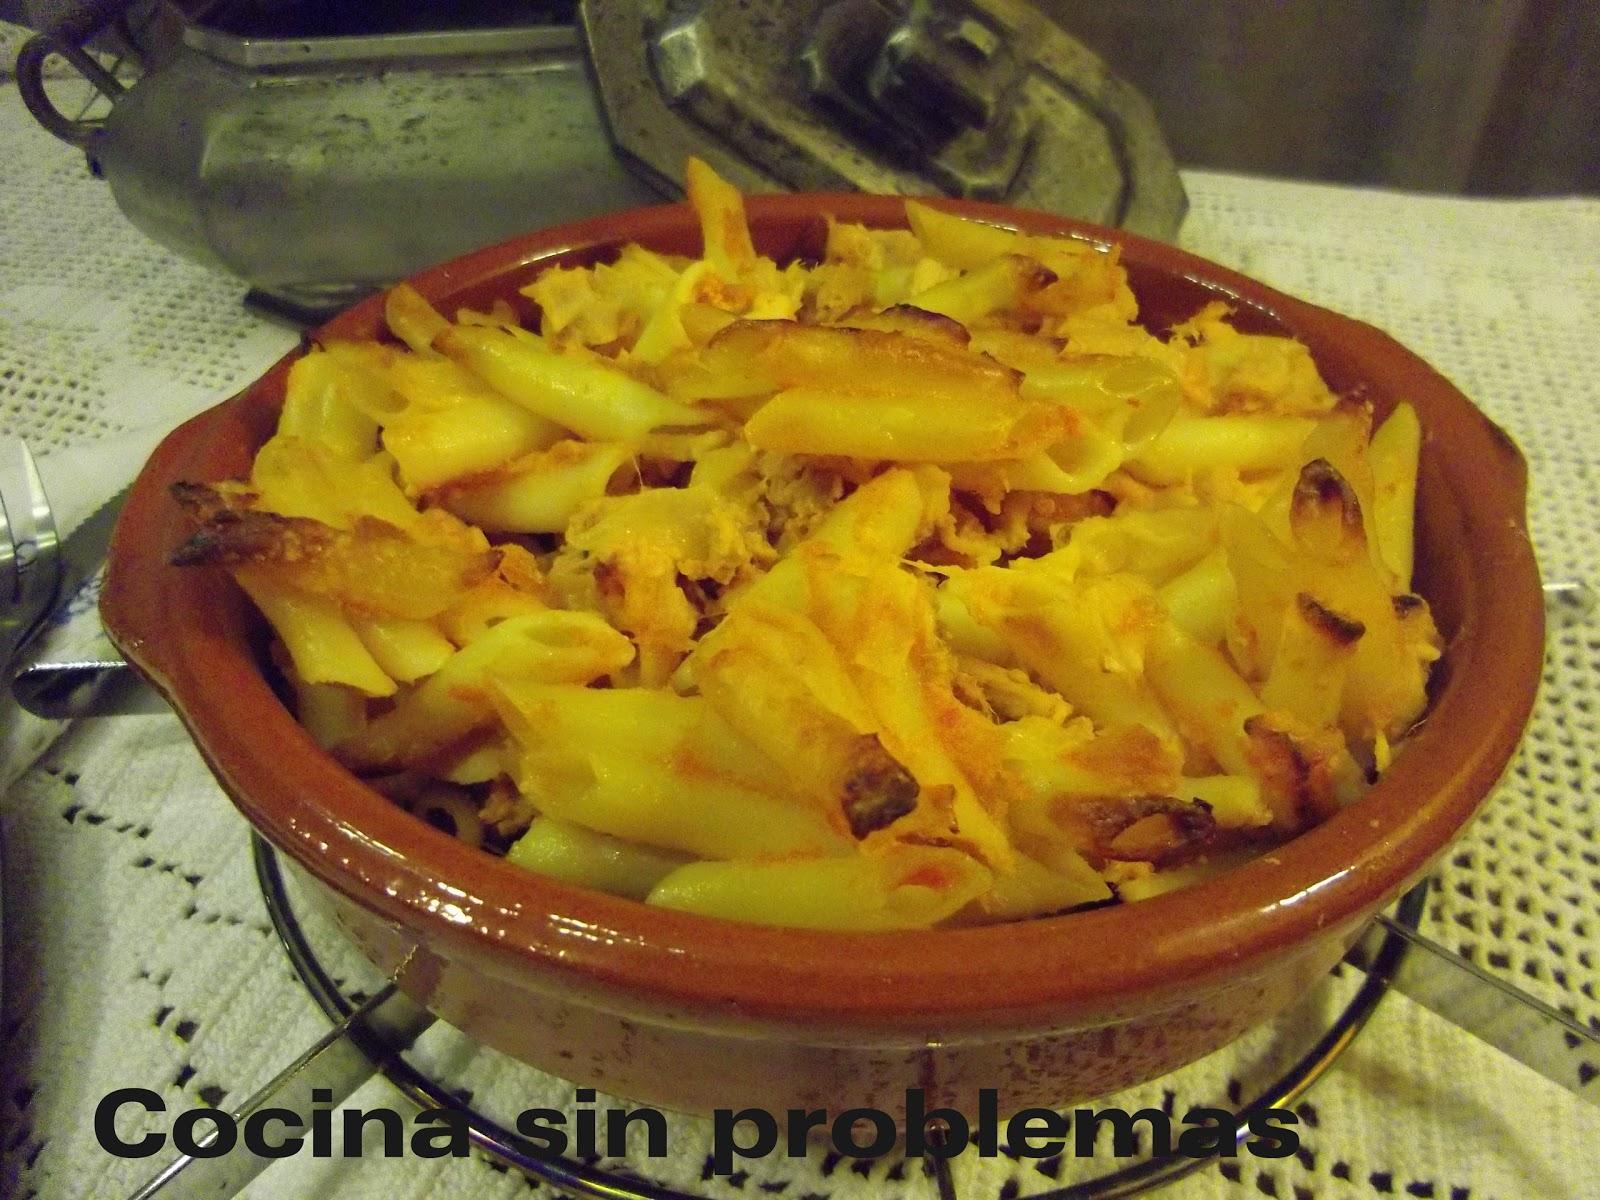 Cocina sin problemas macarrones con at n y huevo al horno - Macarrones con verduras al horno ...